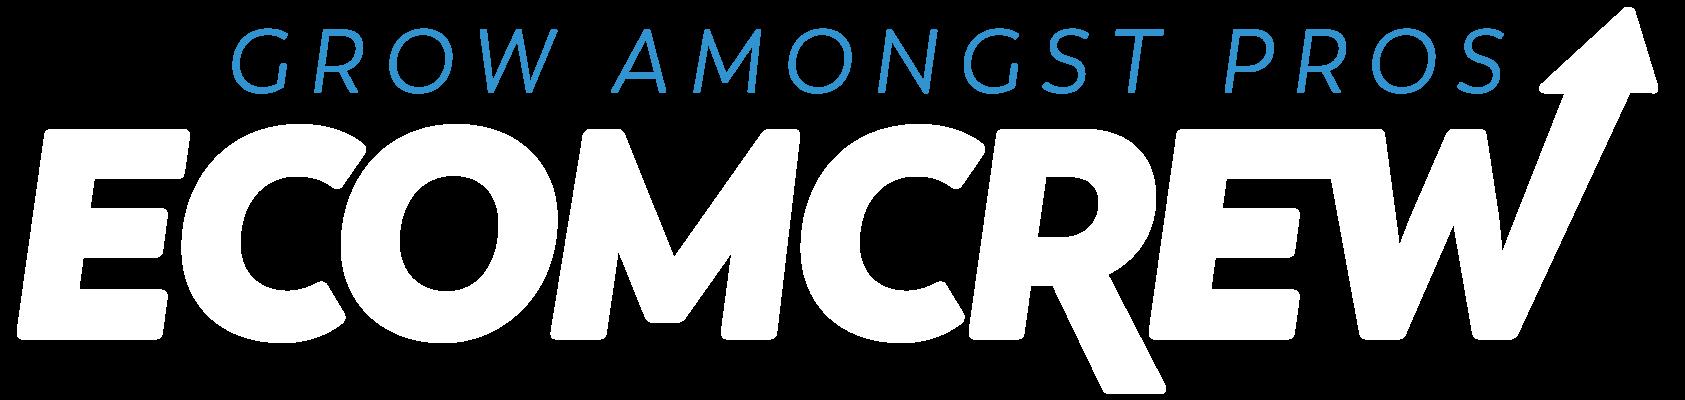 EcomCrew - Online Course